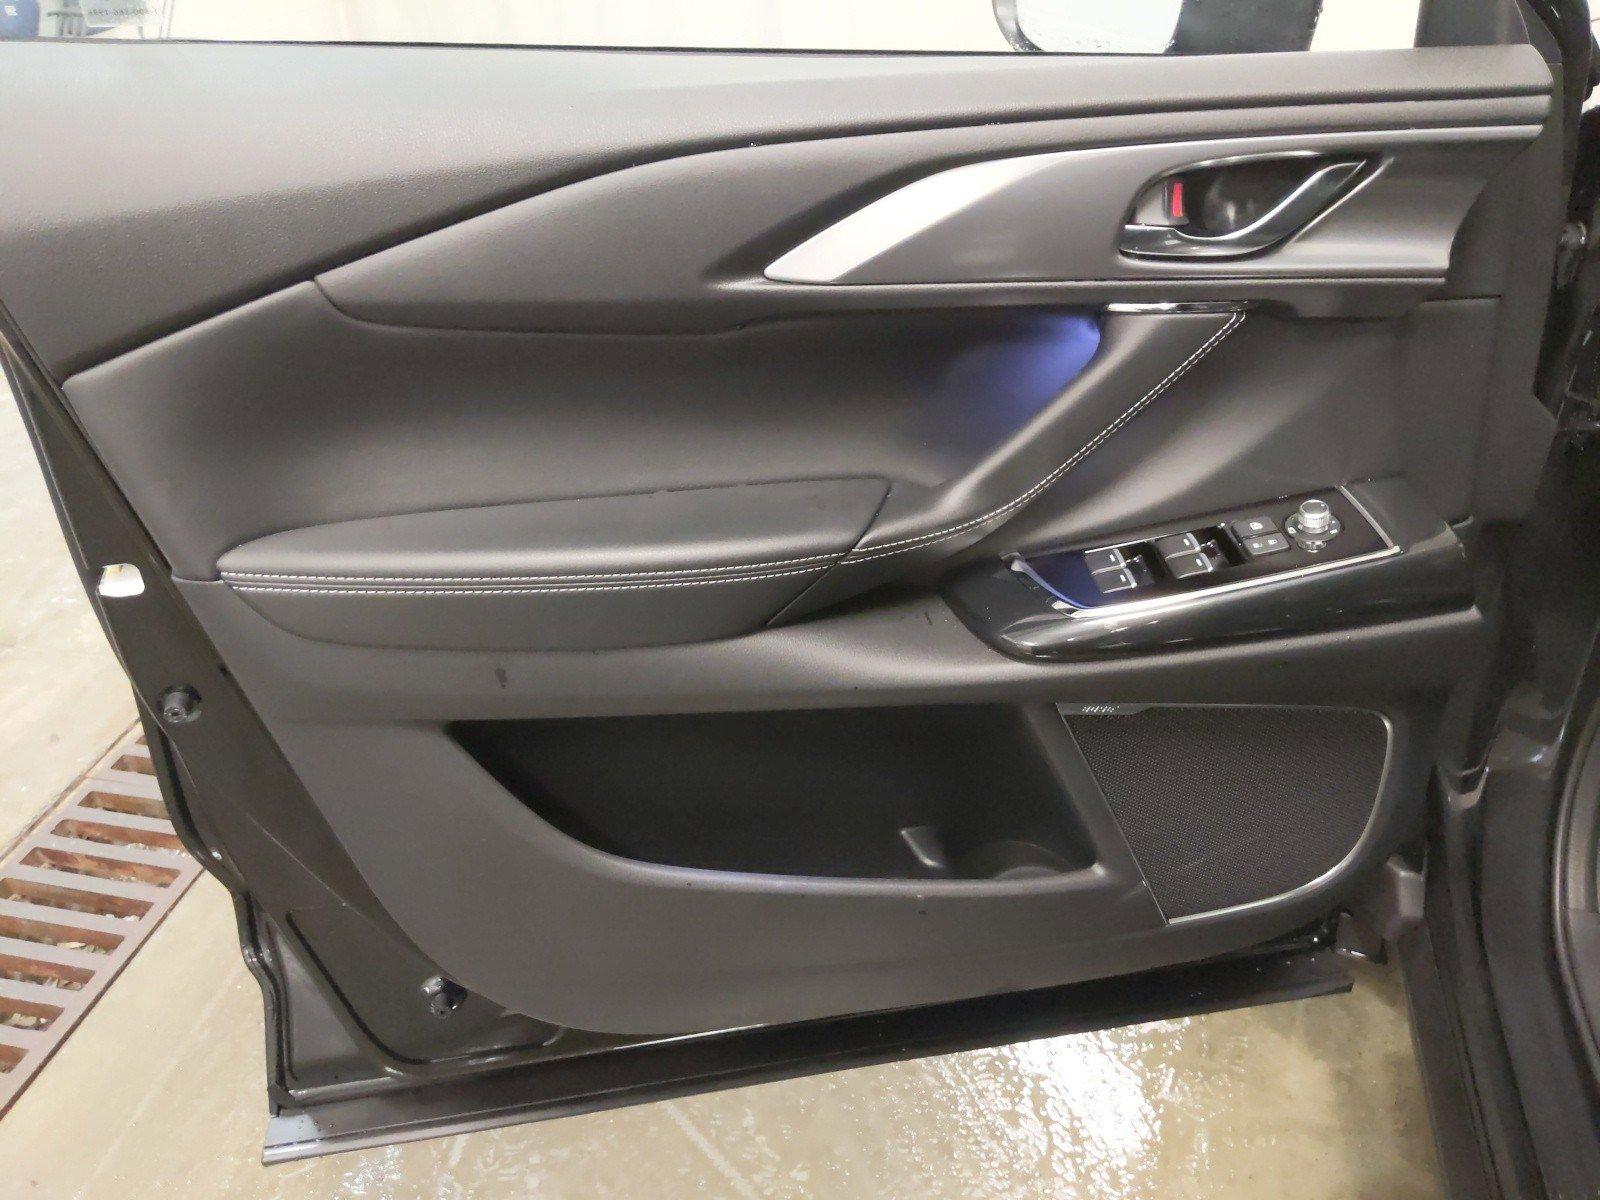 New 2020 Mazda Cx-9 Grand Touring Sport Utility for sale in Lincoln NE